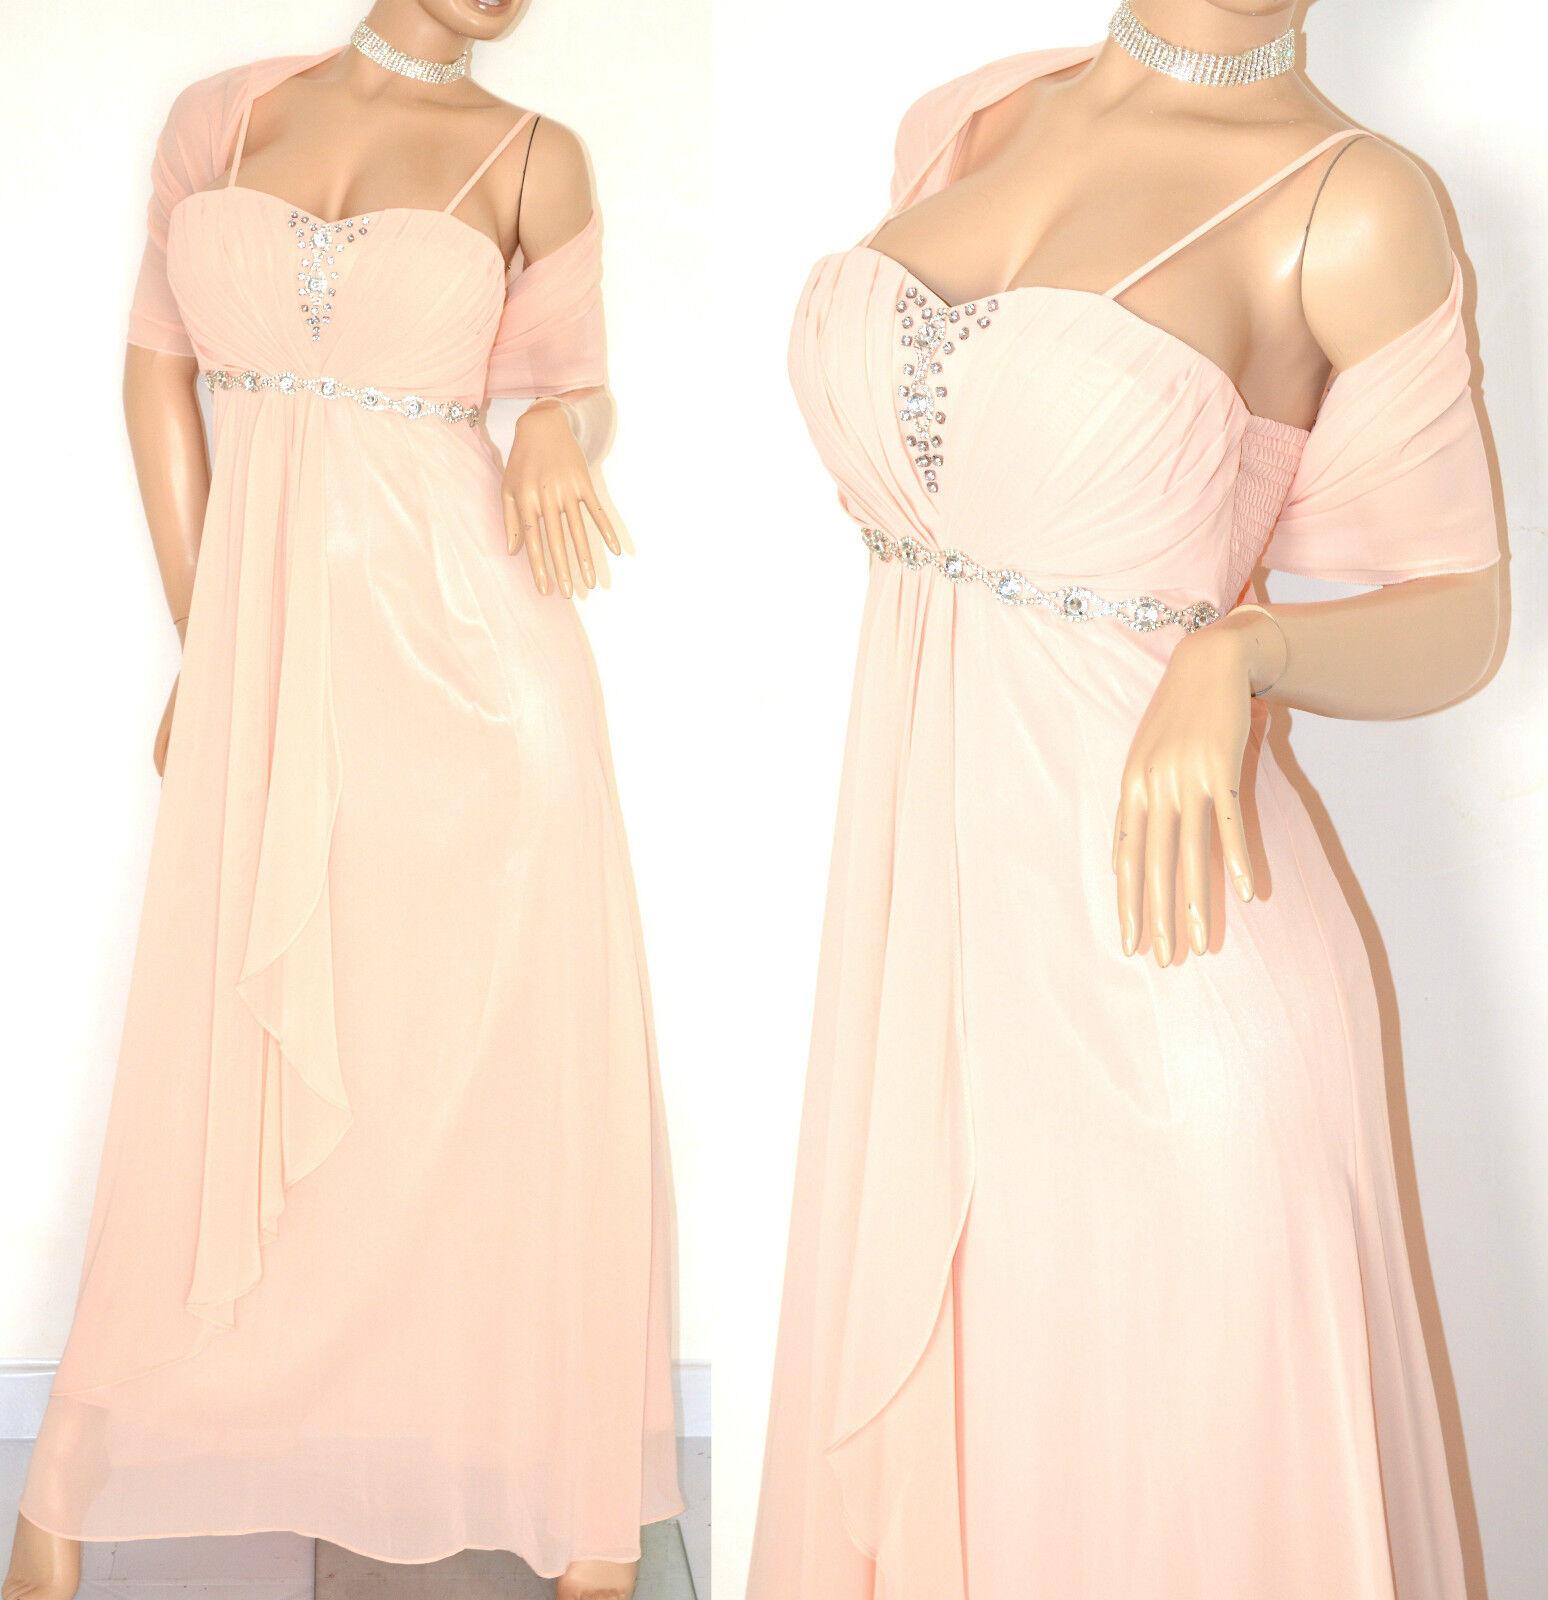 buy online 9fb9a 5c21a ABITO rosa CIPRIA donna VESTITO SETA elegante CERIMONIA ...